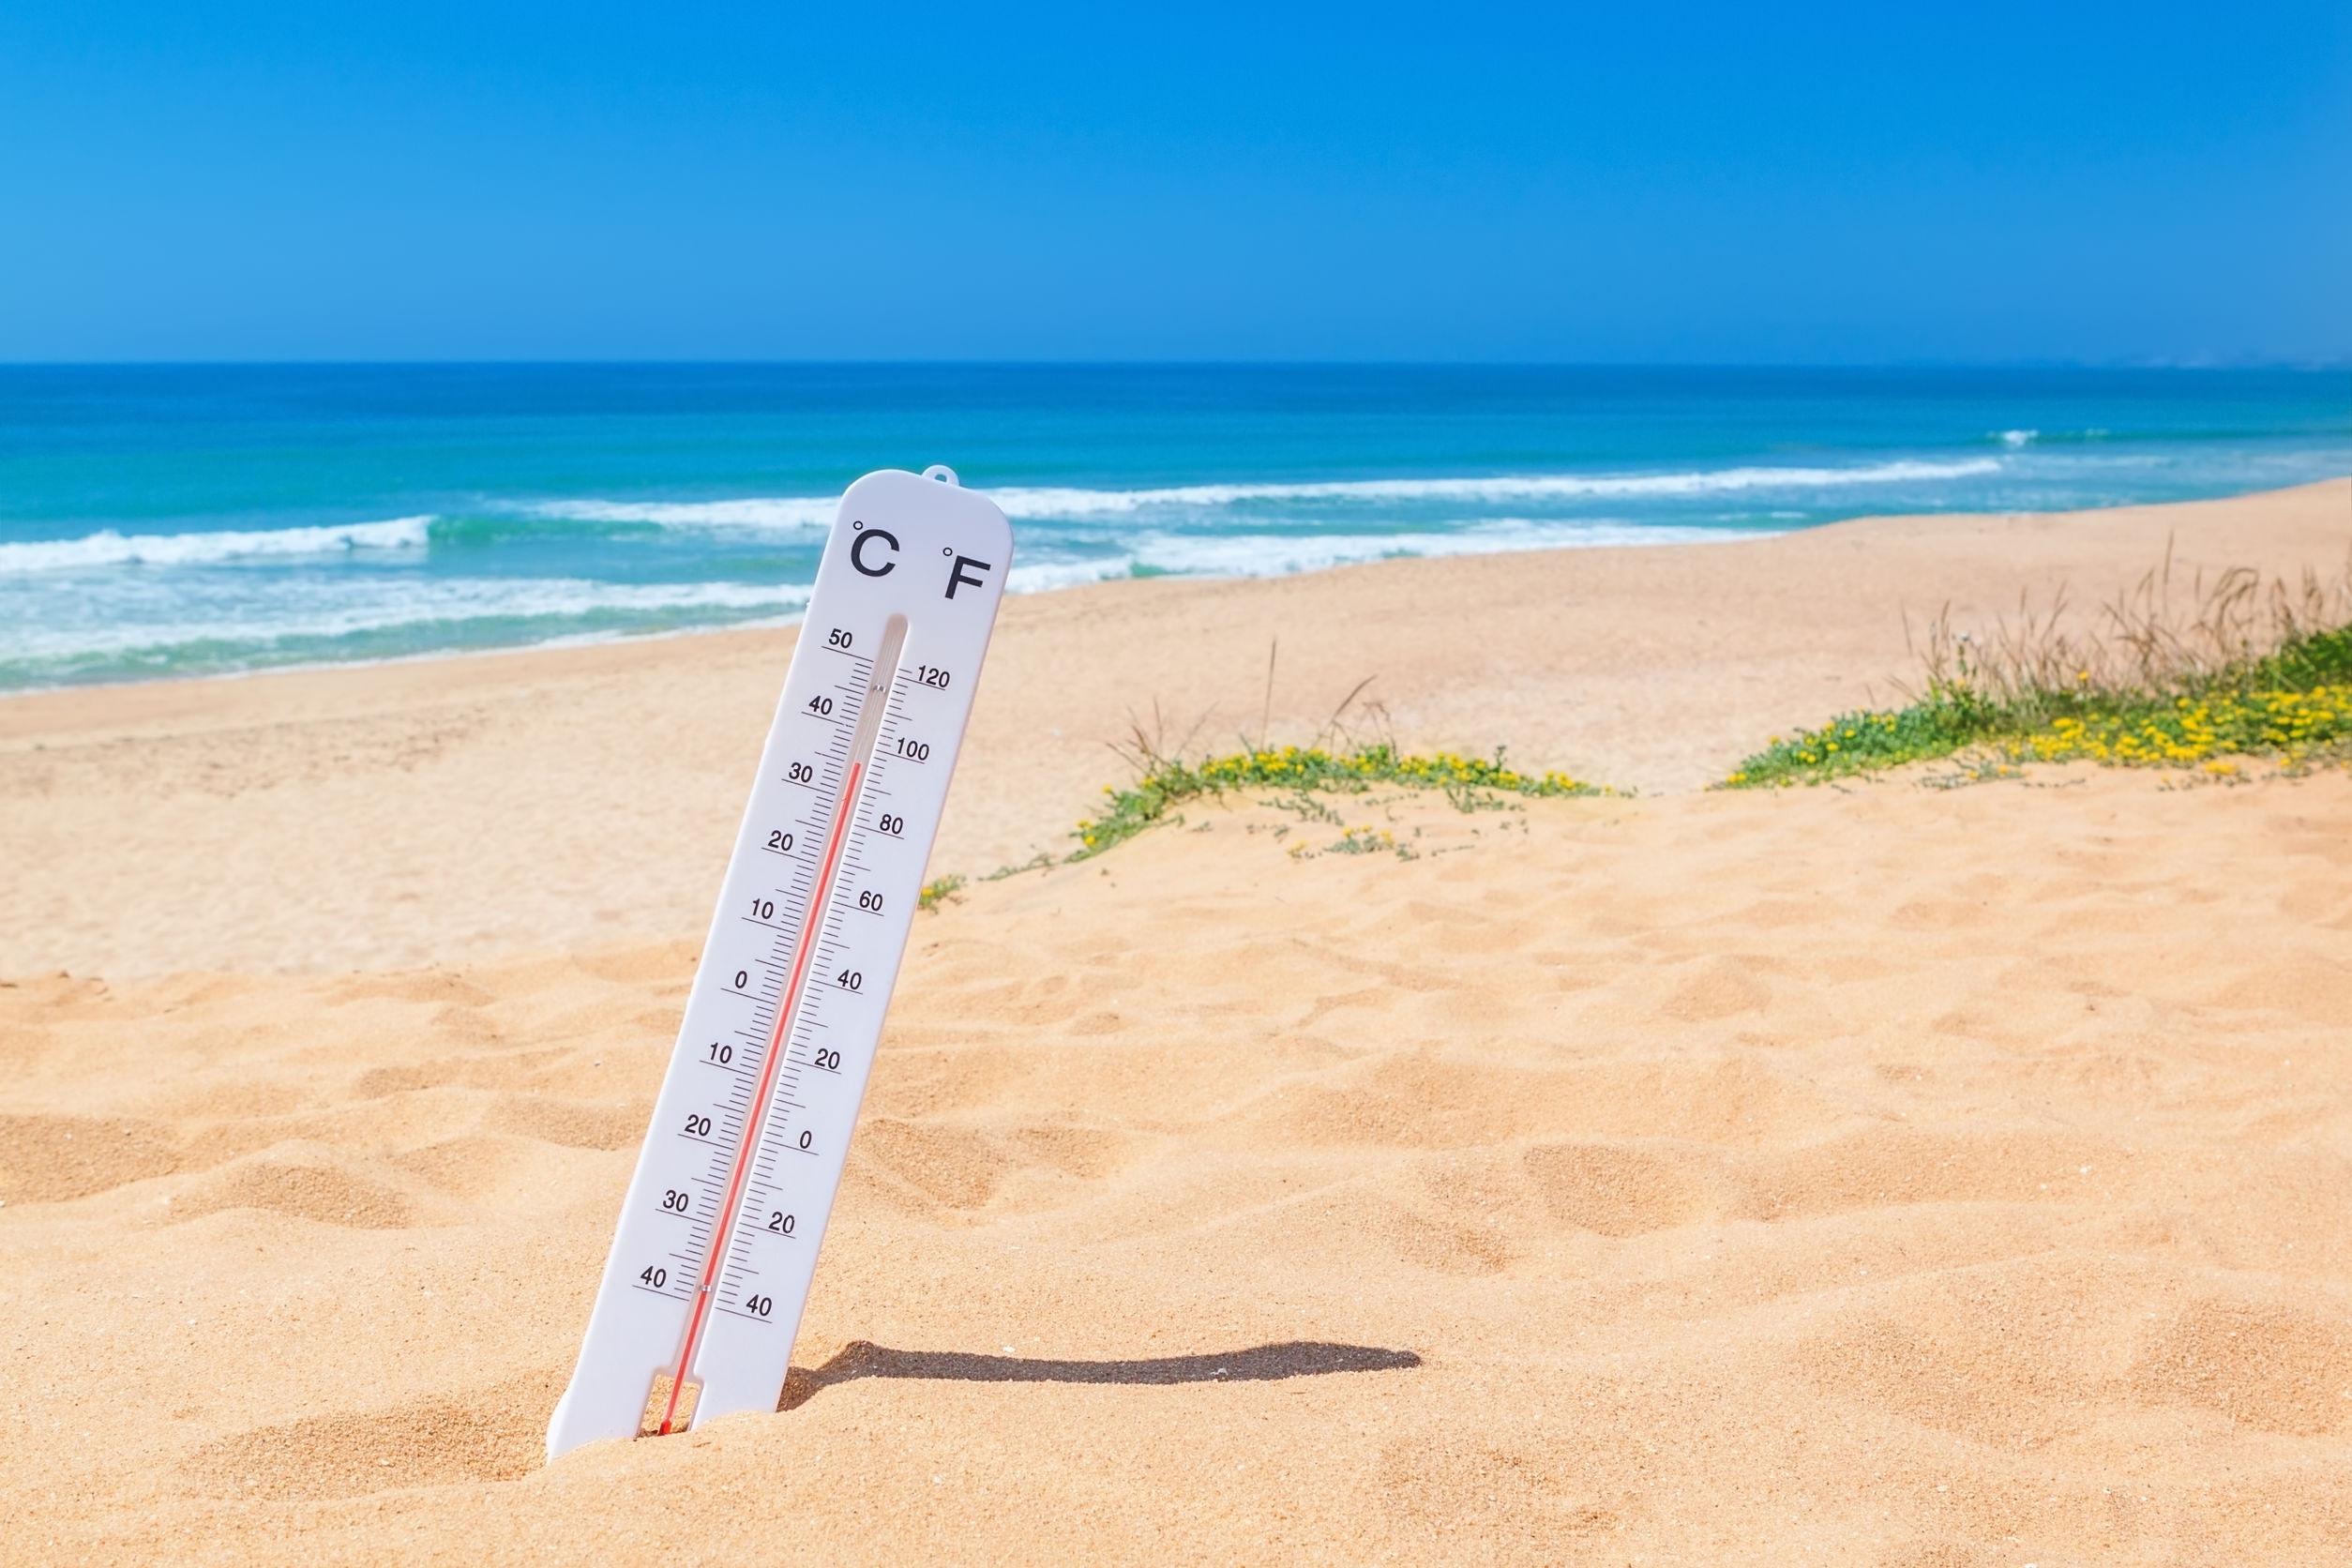 Vară în toată regula, ca la sfârşitul lunii iulie! Meteorologii anunţă temperaturi RIDICATE. Unde se vor înregistra maxime de 35 de grade